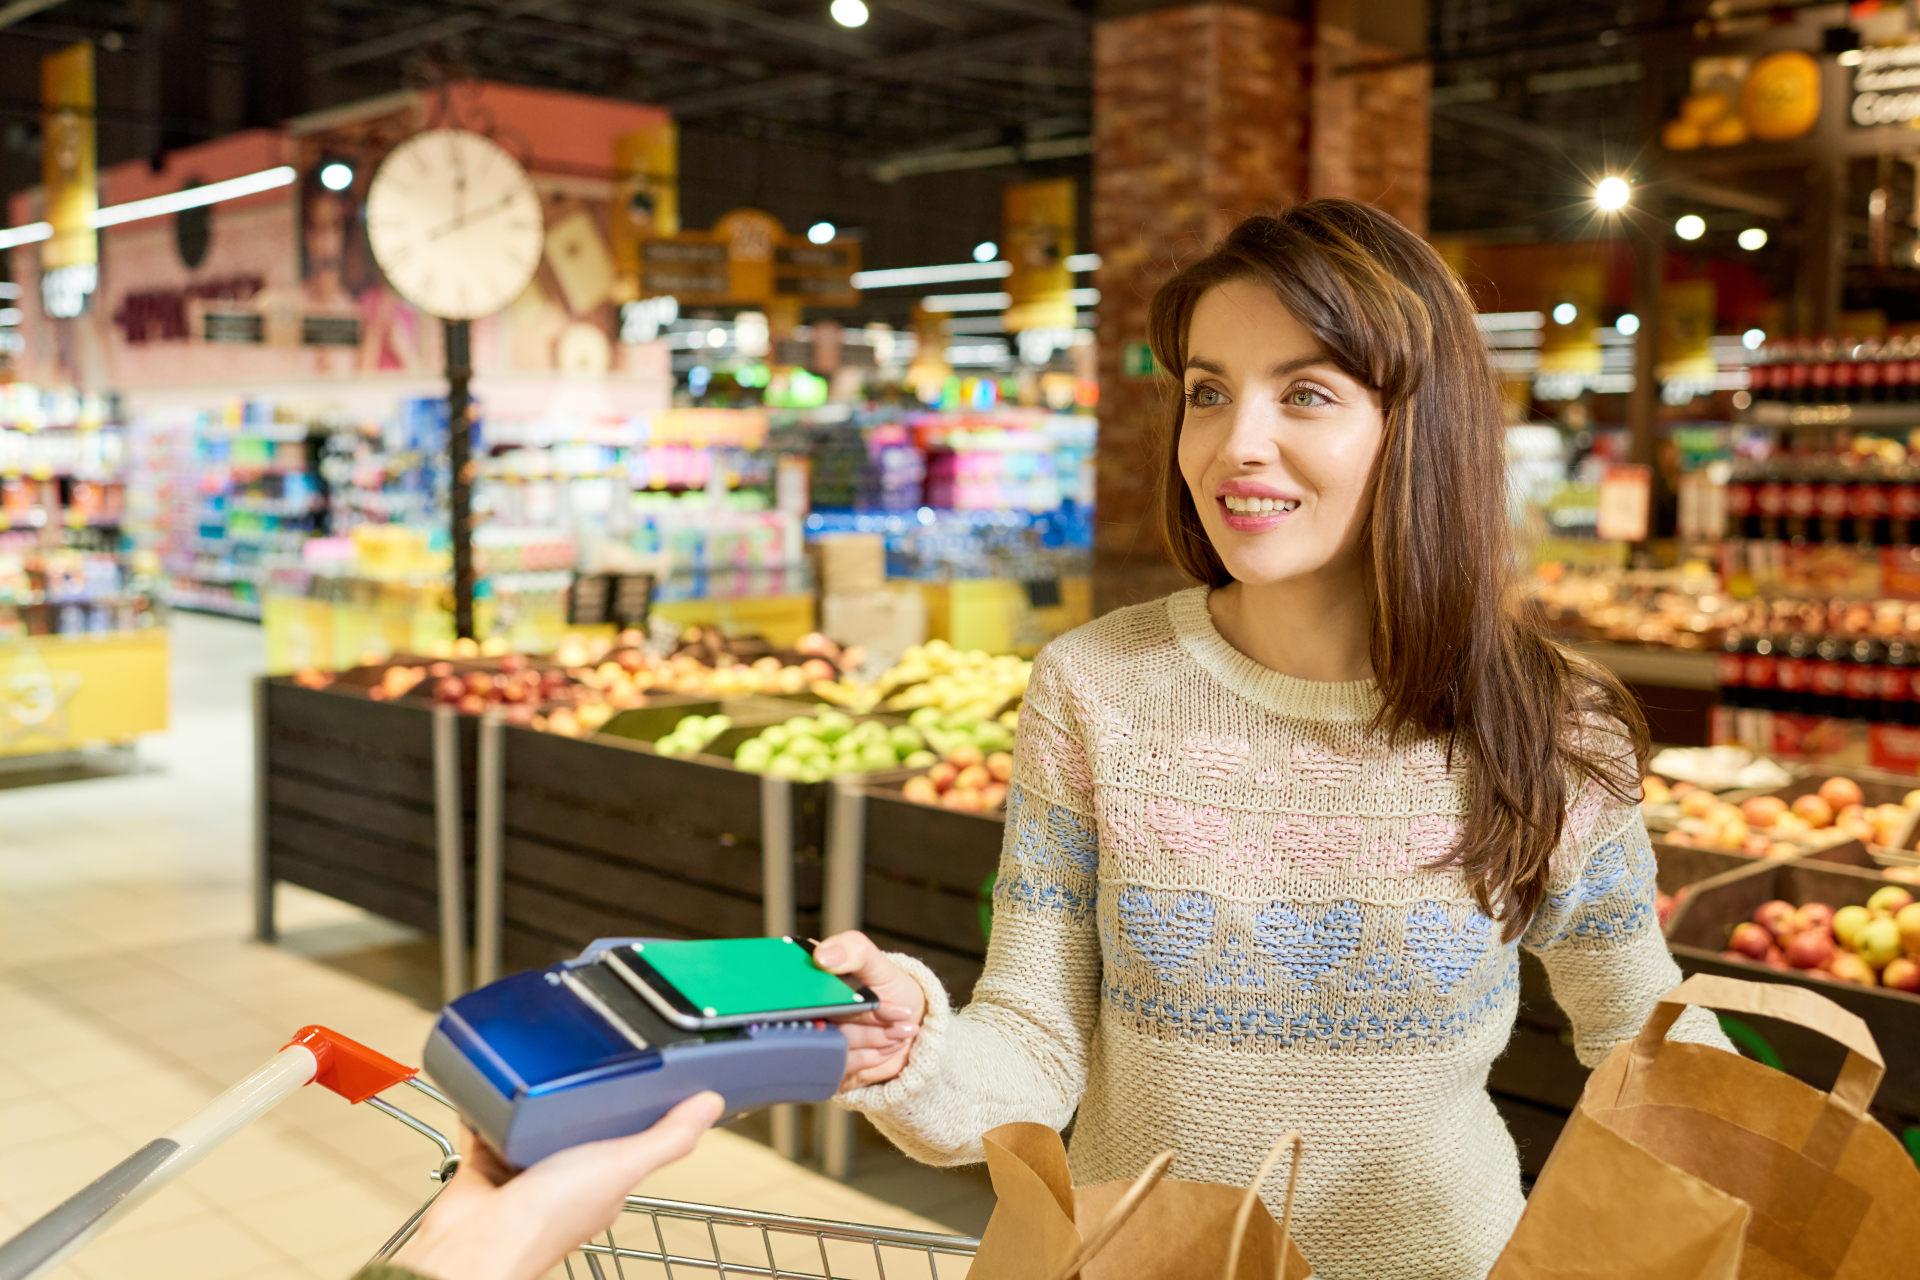 árak, kedvezmények modul, vállalatirányítás, ár- és kedvezménykezelő modul